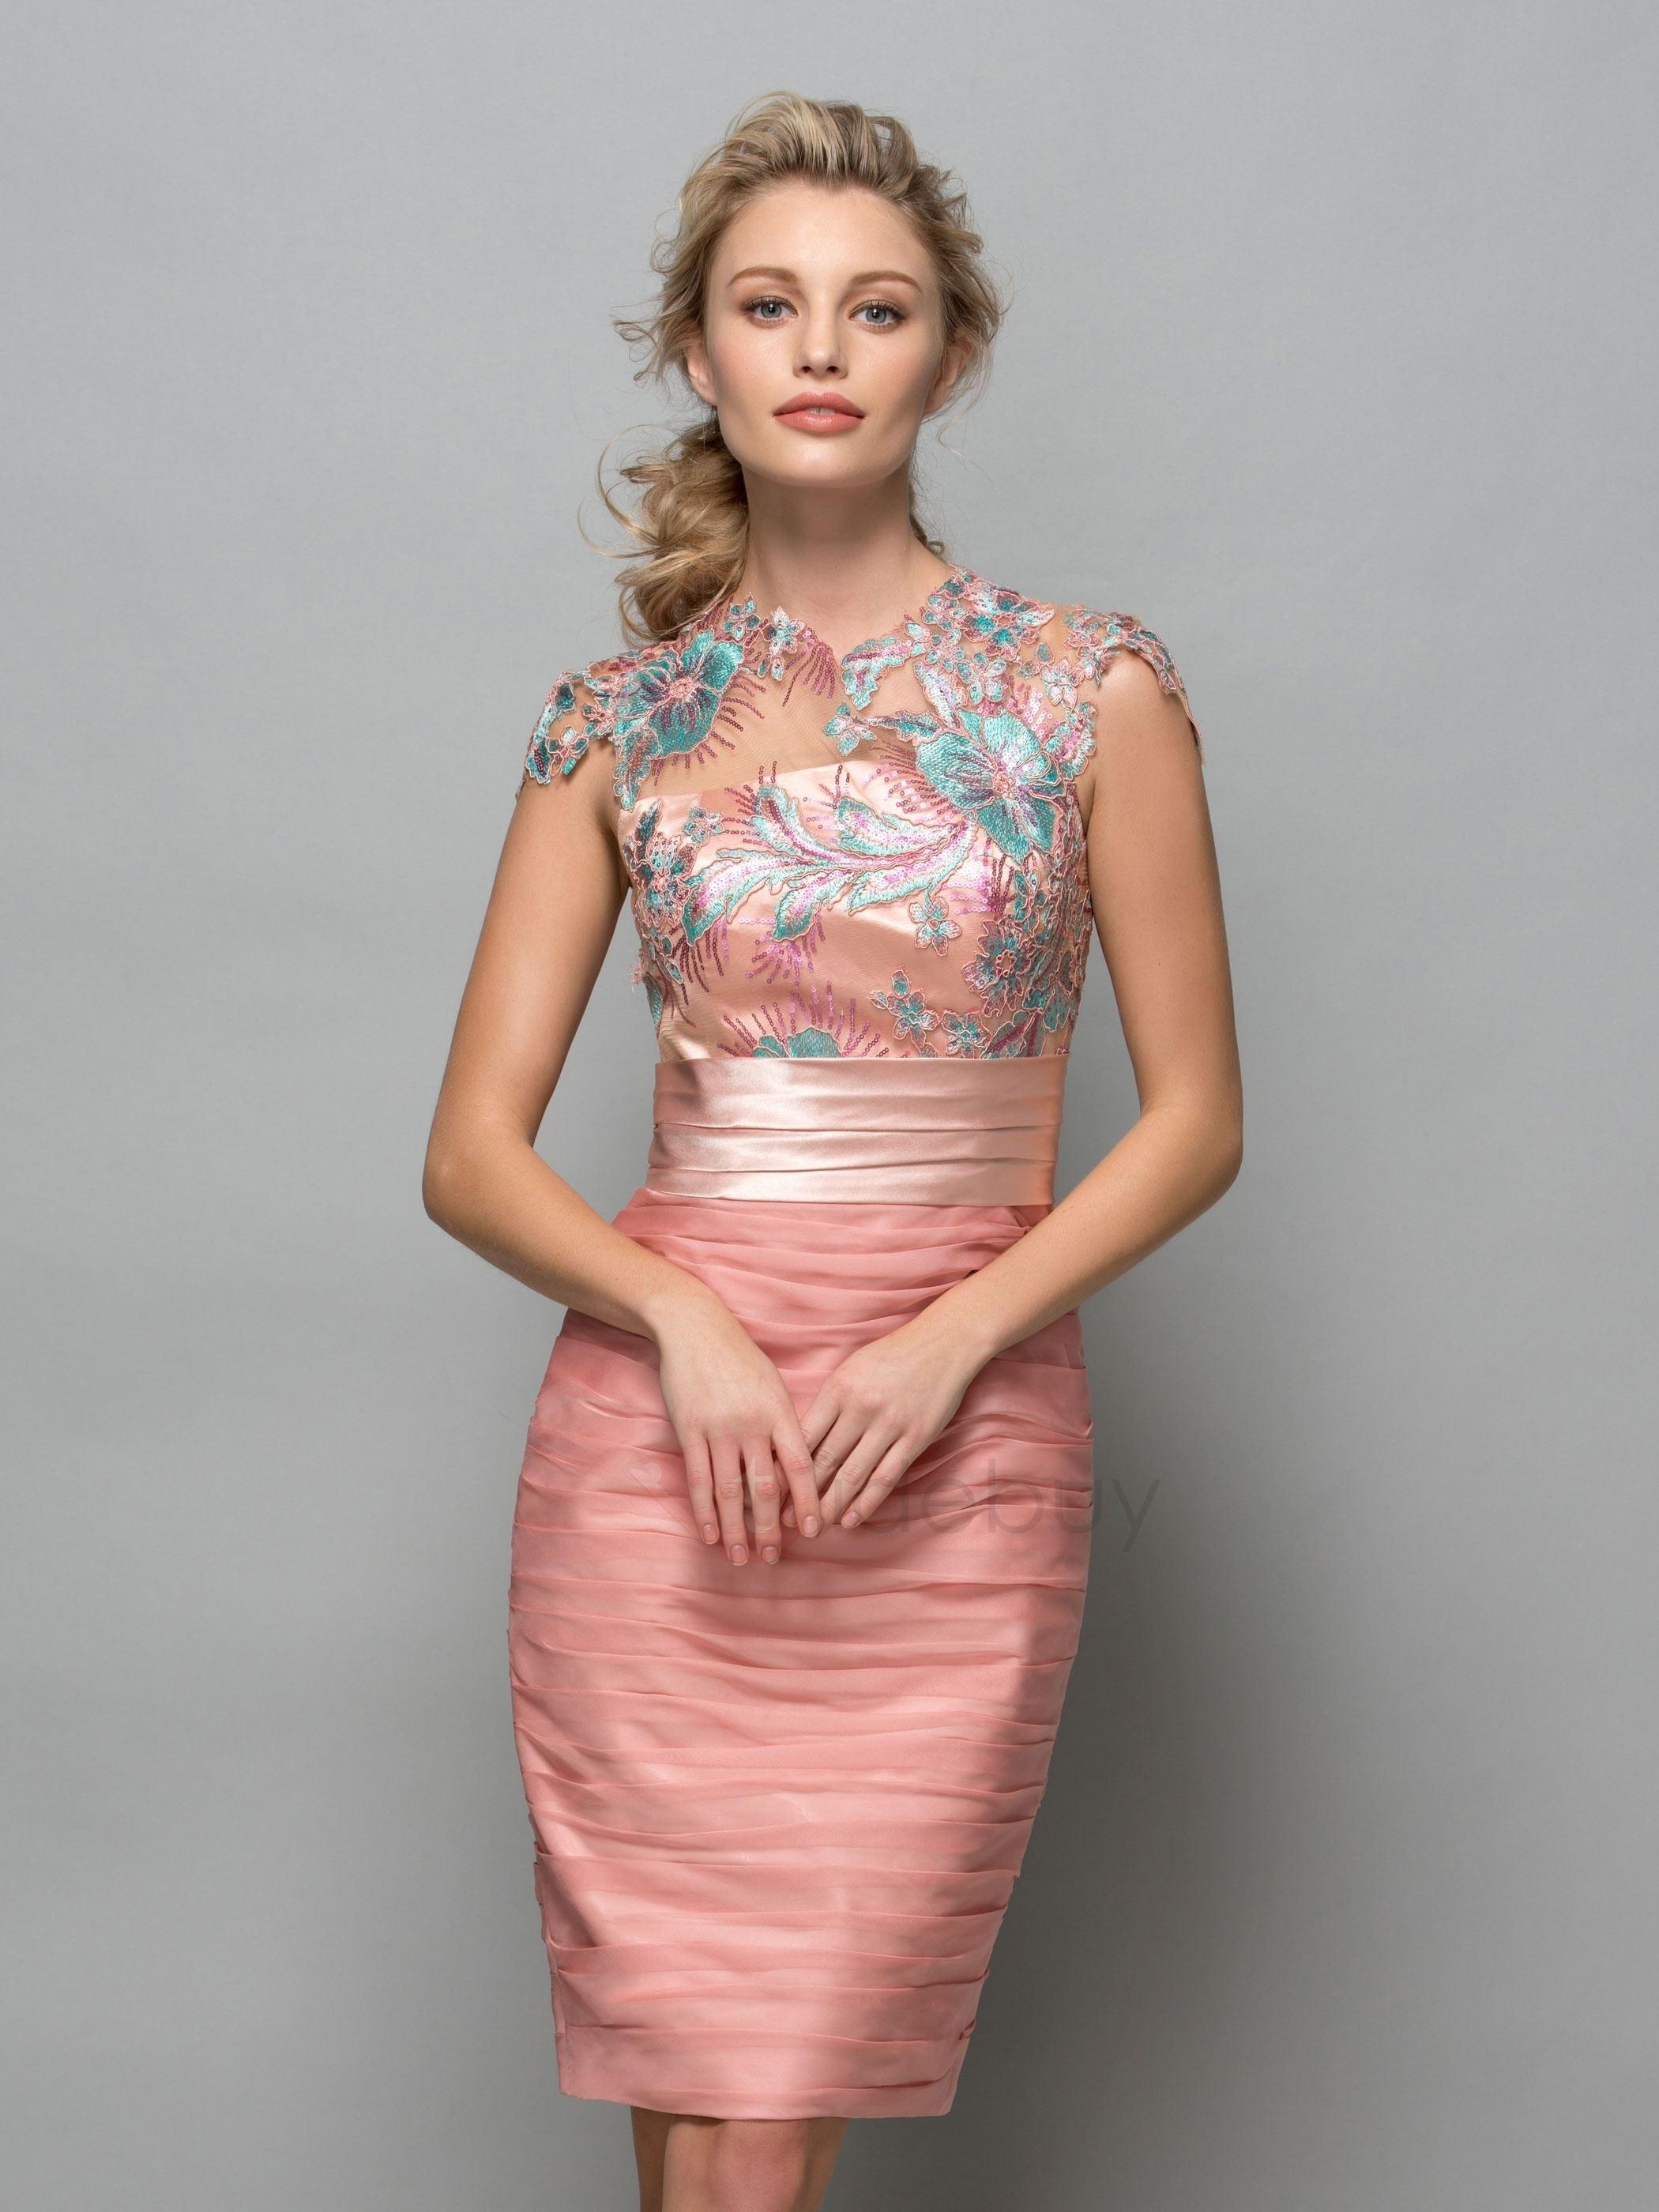 Abend Schön Abendkleider Günstig Kurz Vertrieb - Abendkleid